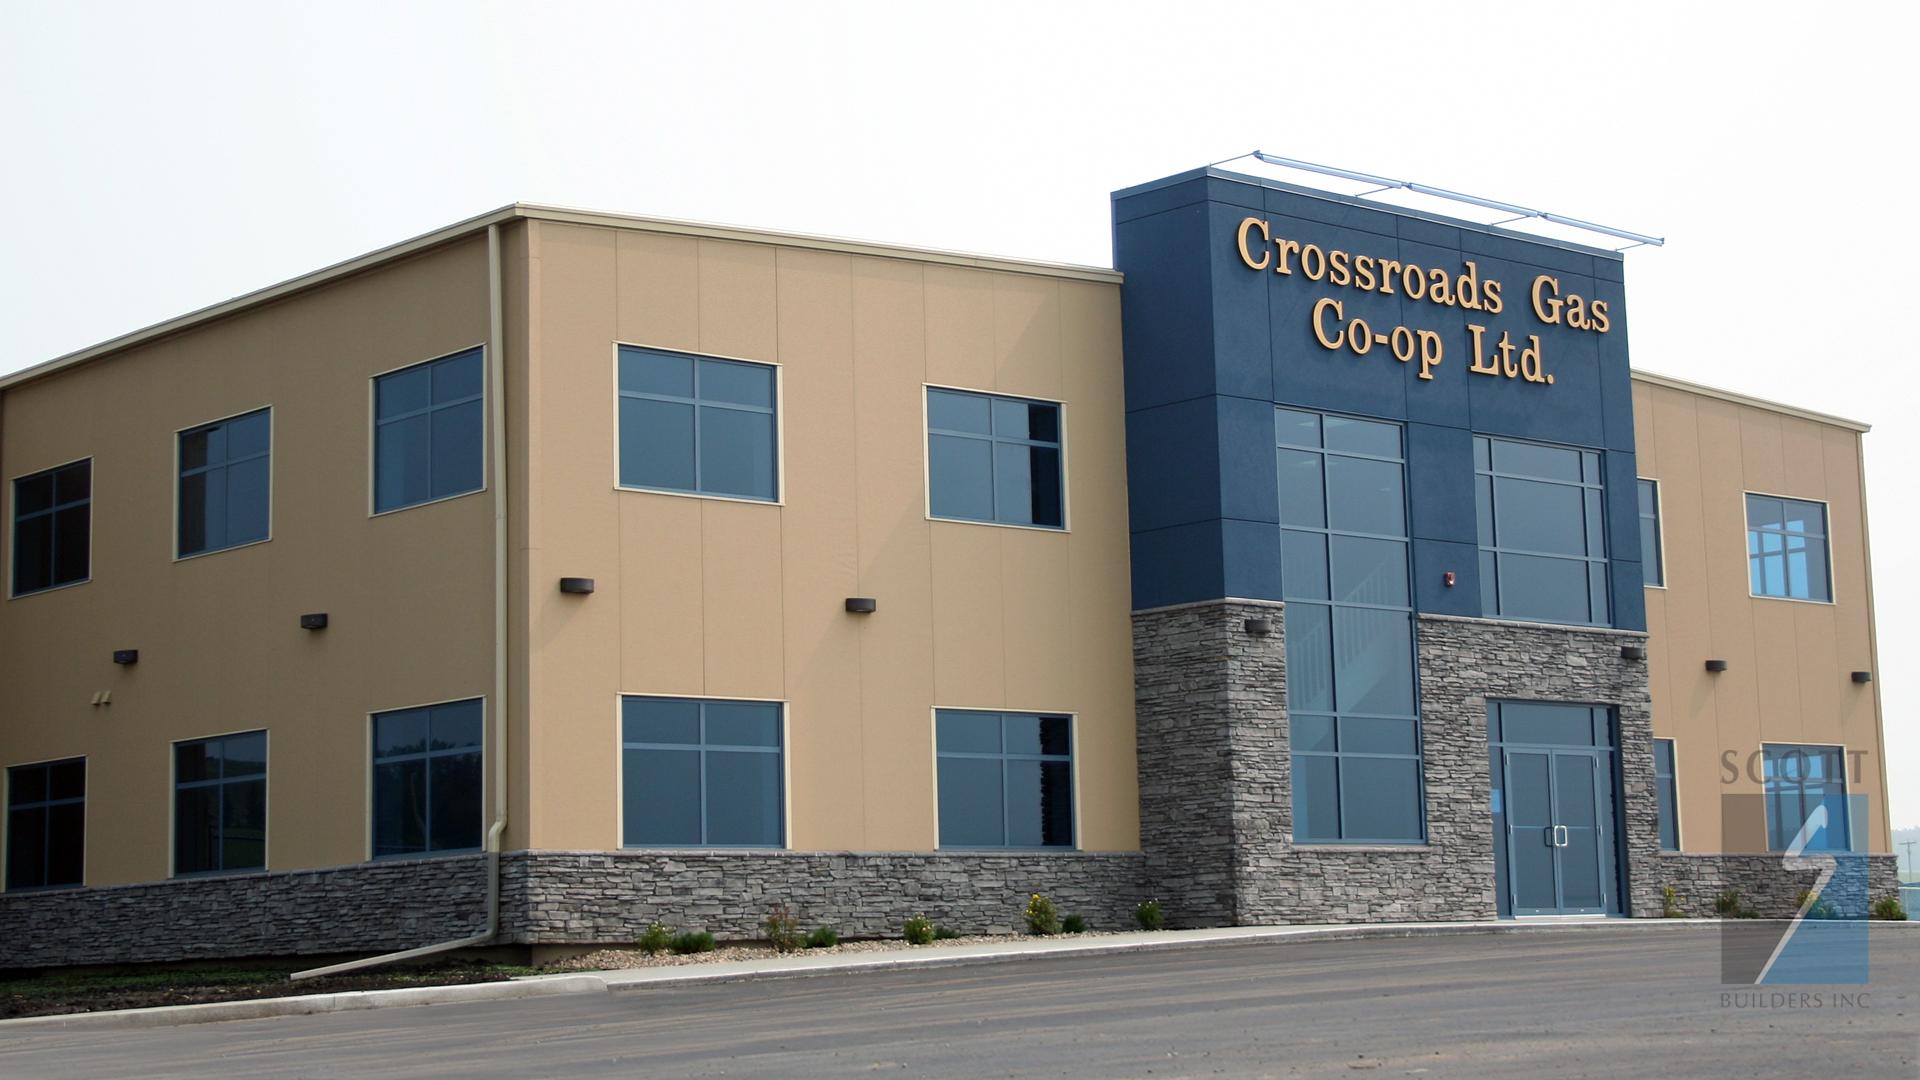 968 Crossroads Gas Co-op Innisfail (3)